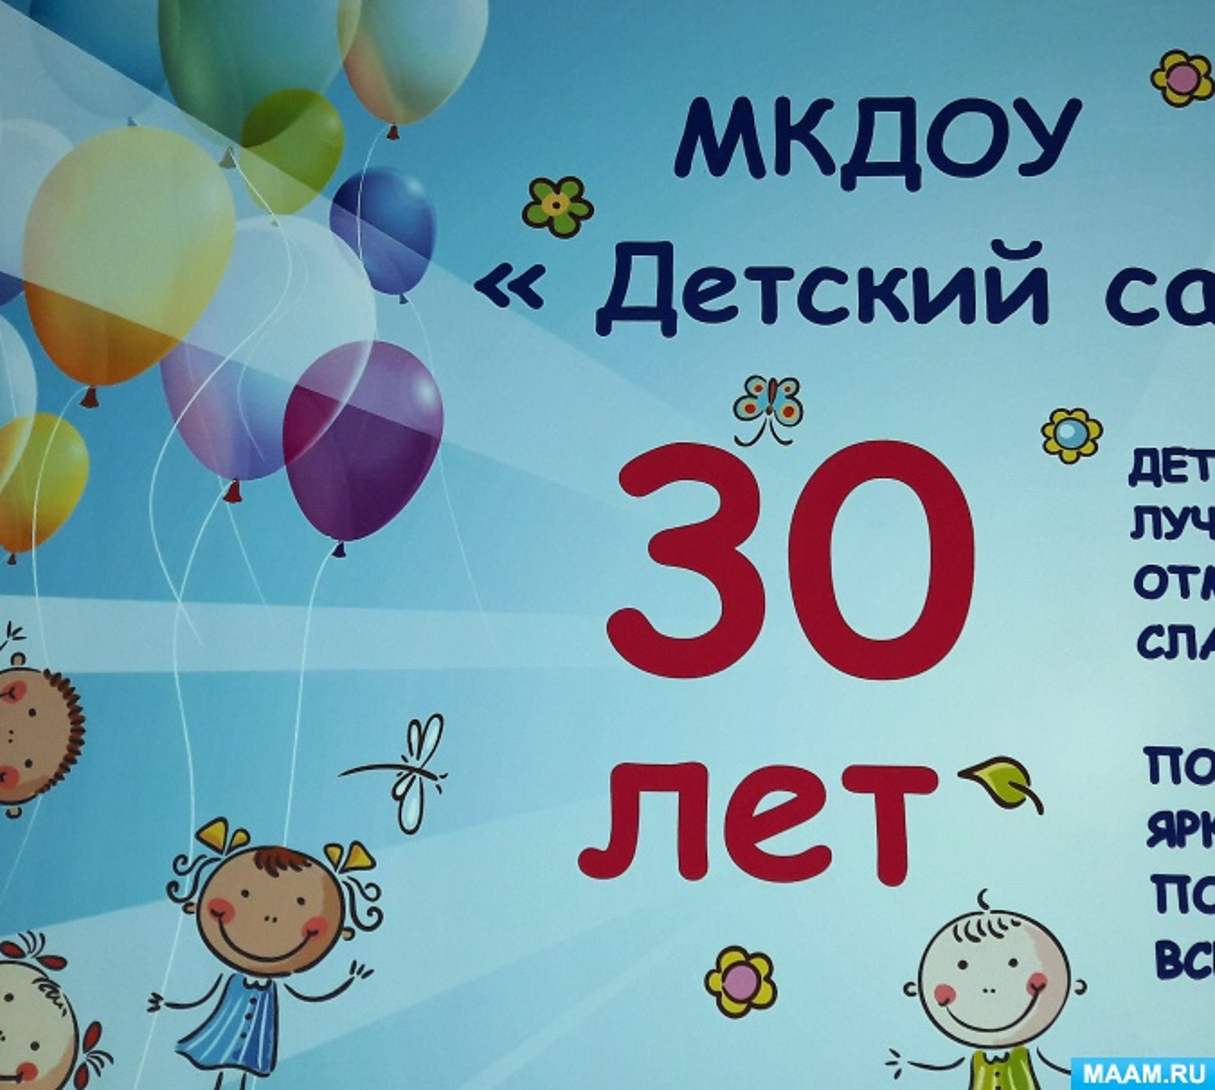 Картинки с юбилеем детский сад 30 лет, картинки